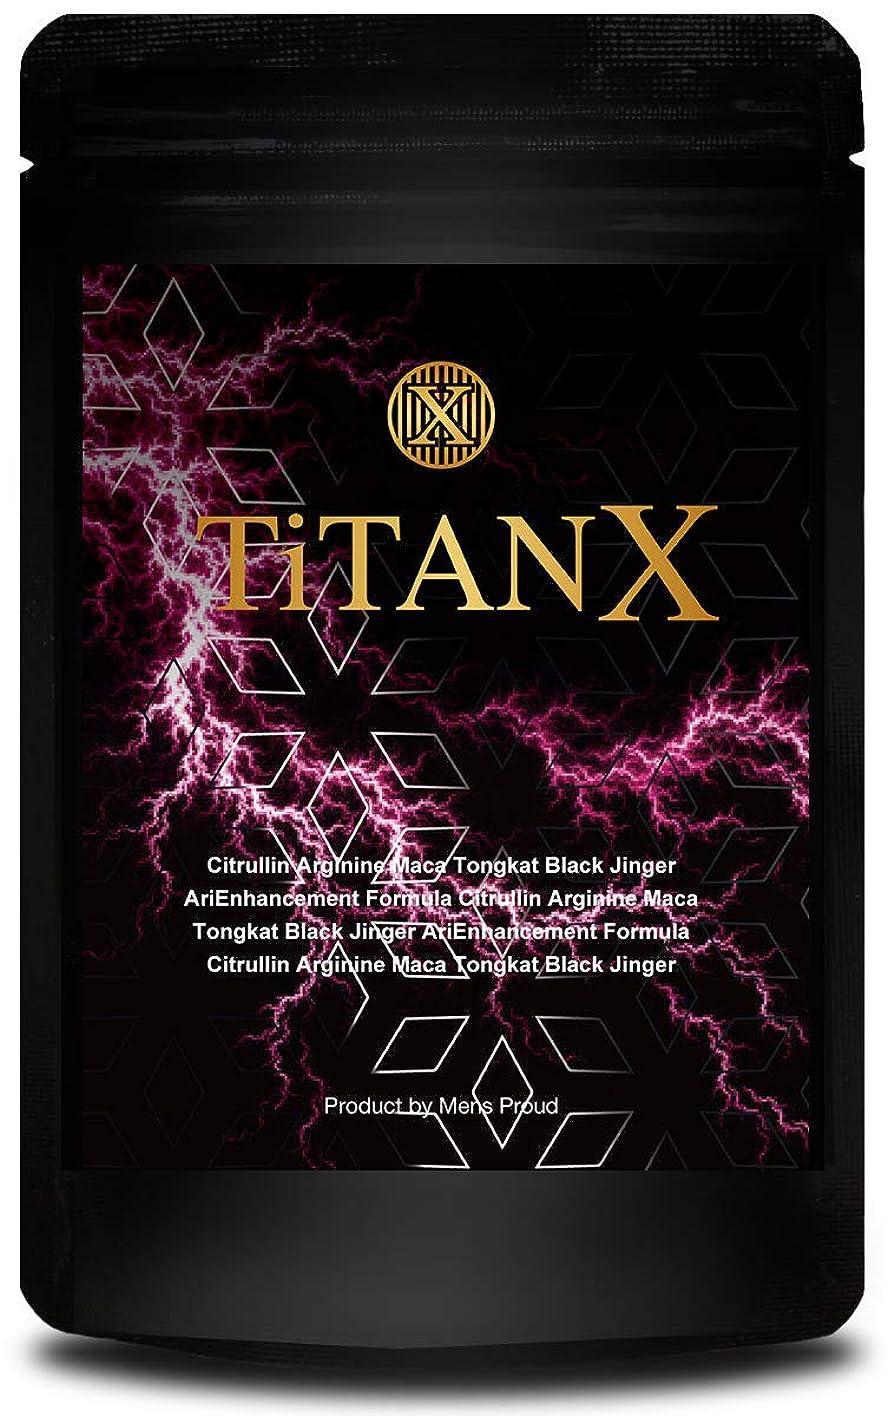 レクリエーションデッキ引退したTiTAN X タイタンエックス マカ アルギニン シトルリン 亜鉛 クラチャイダム 厳選18種類配合